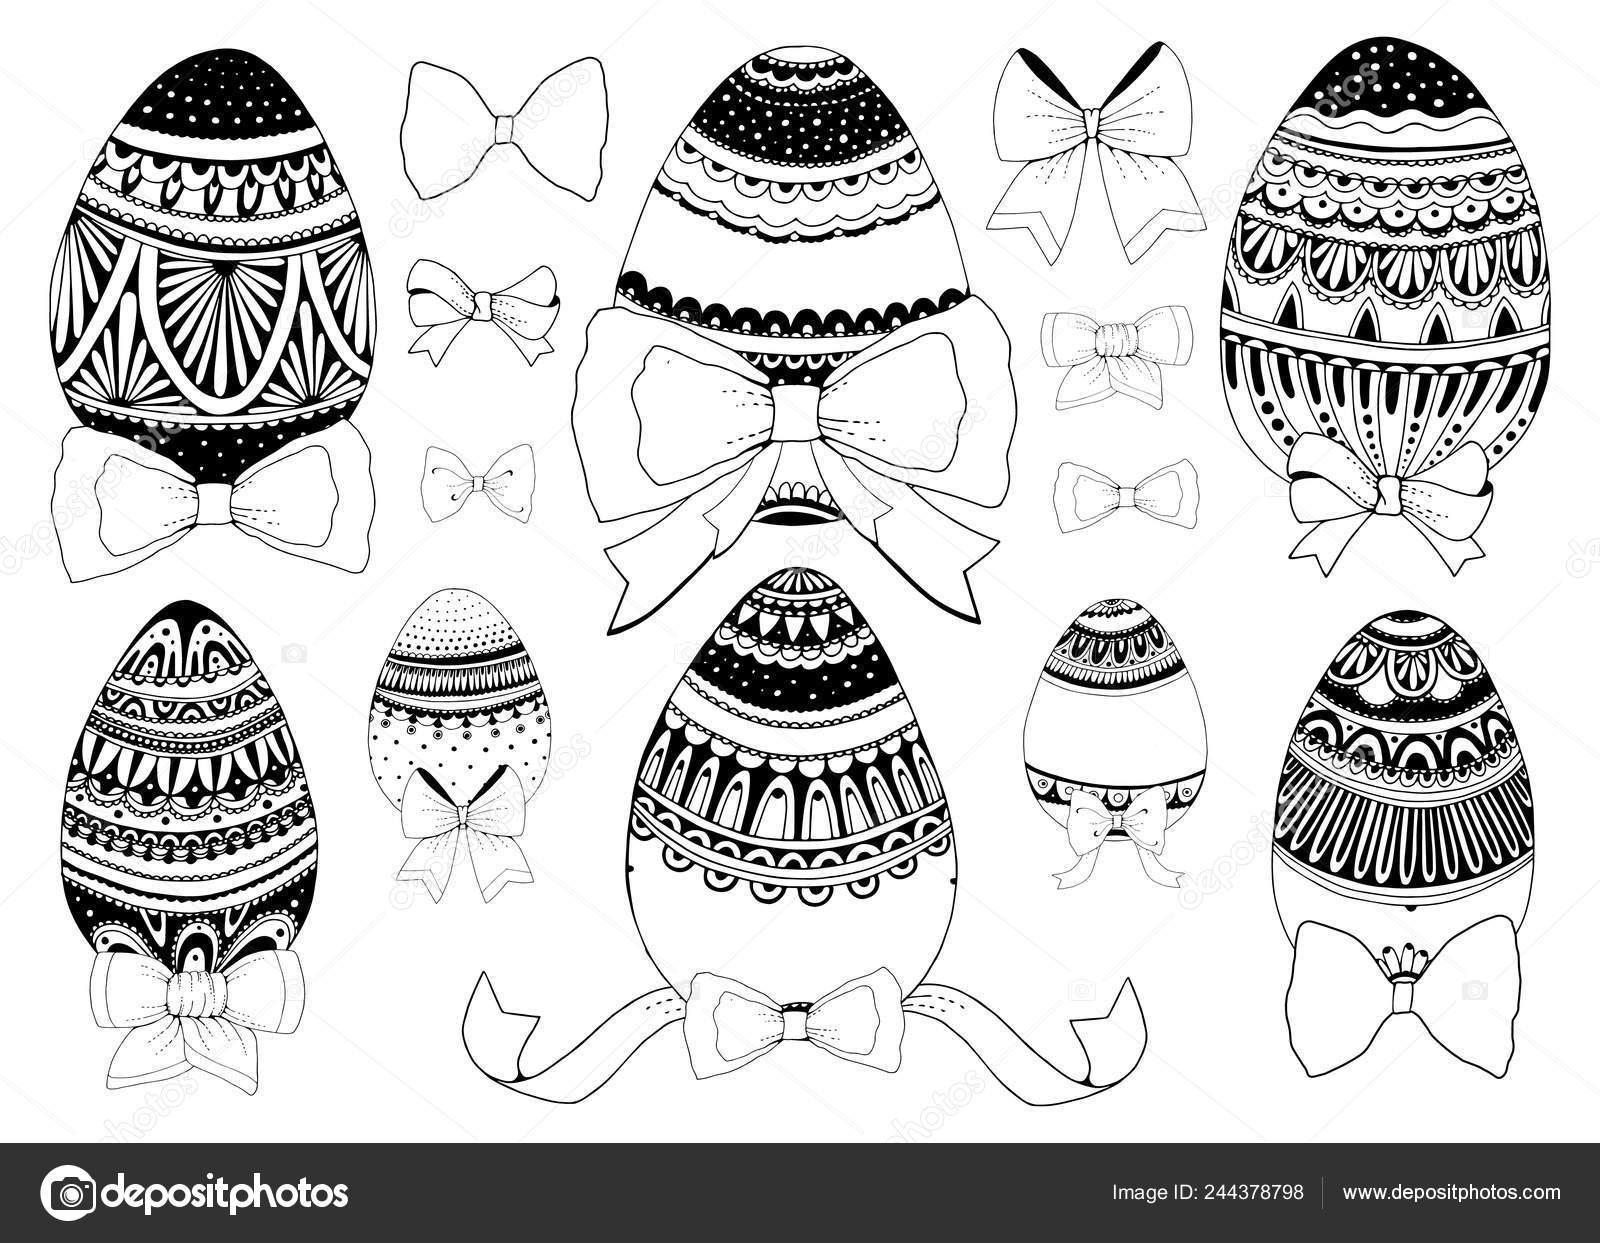 Feliz Pascoa Preto E Branco Doodle Ovos De Pascoa Dentro Do Cesto